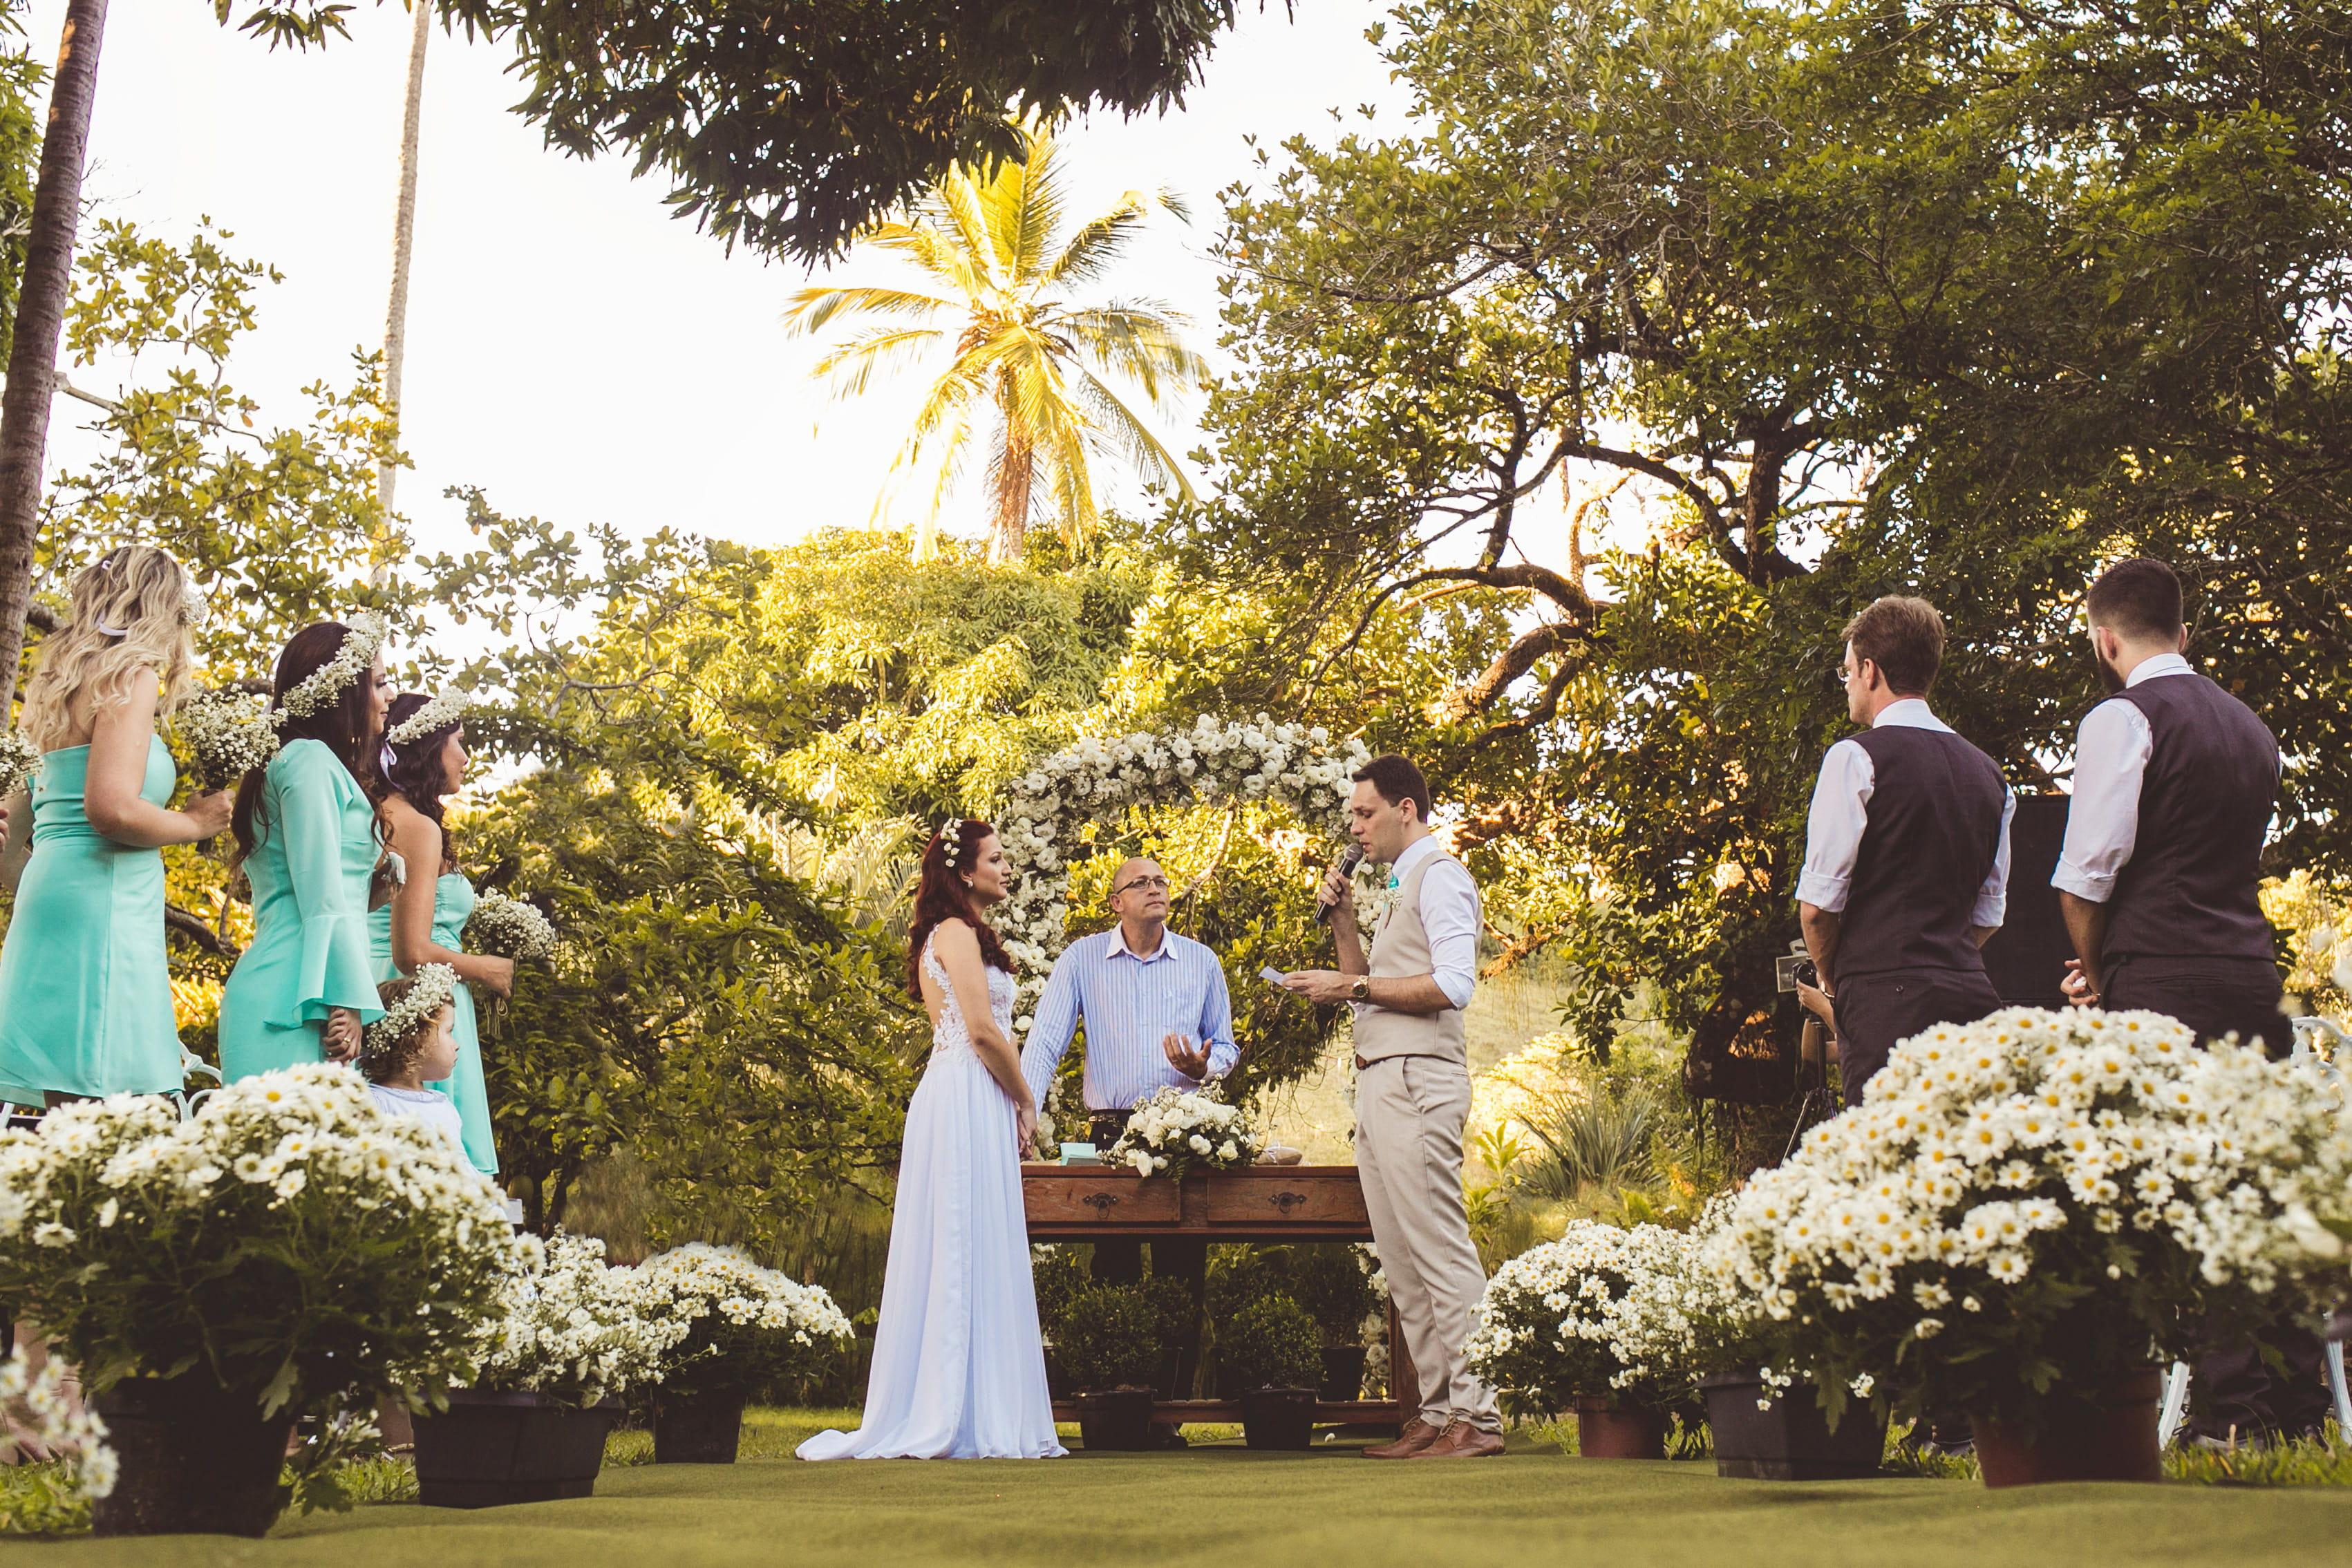 婚礼 (来源:pikrepo)